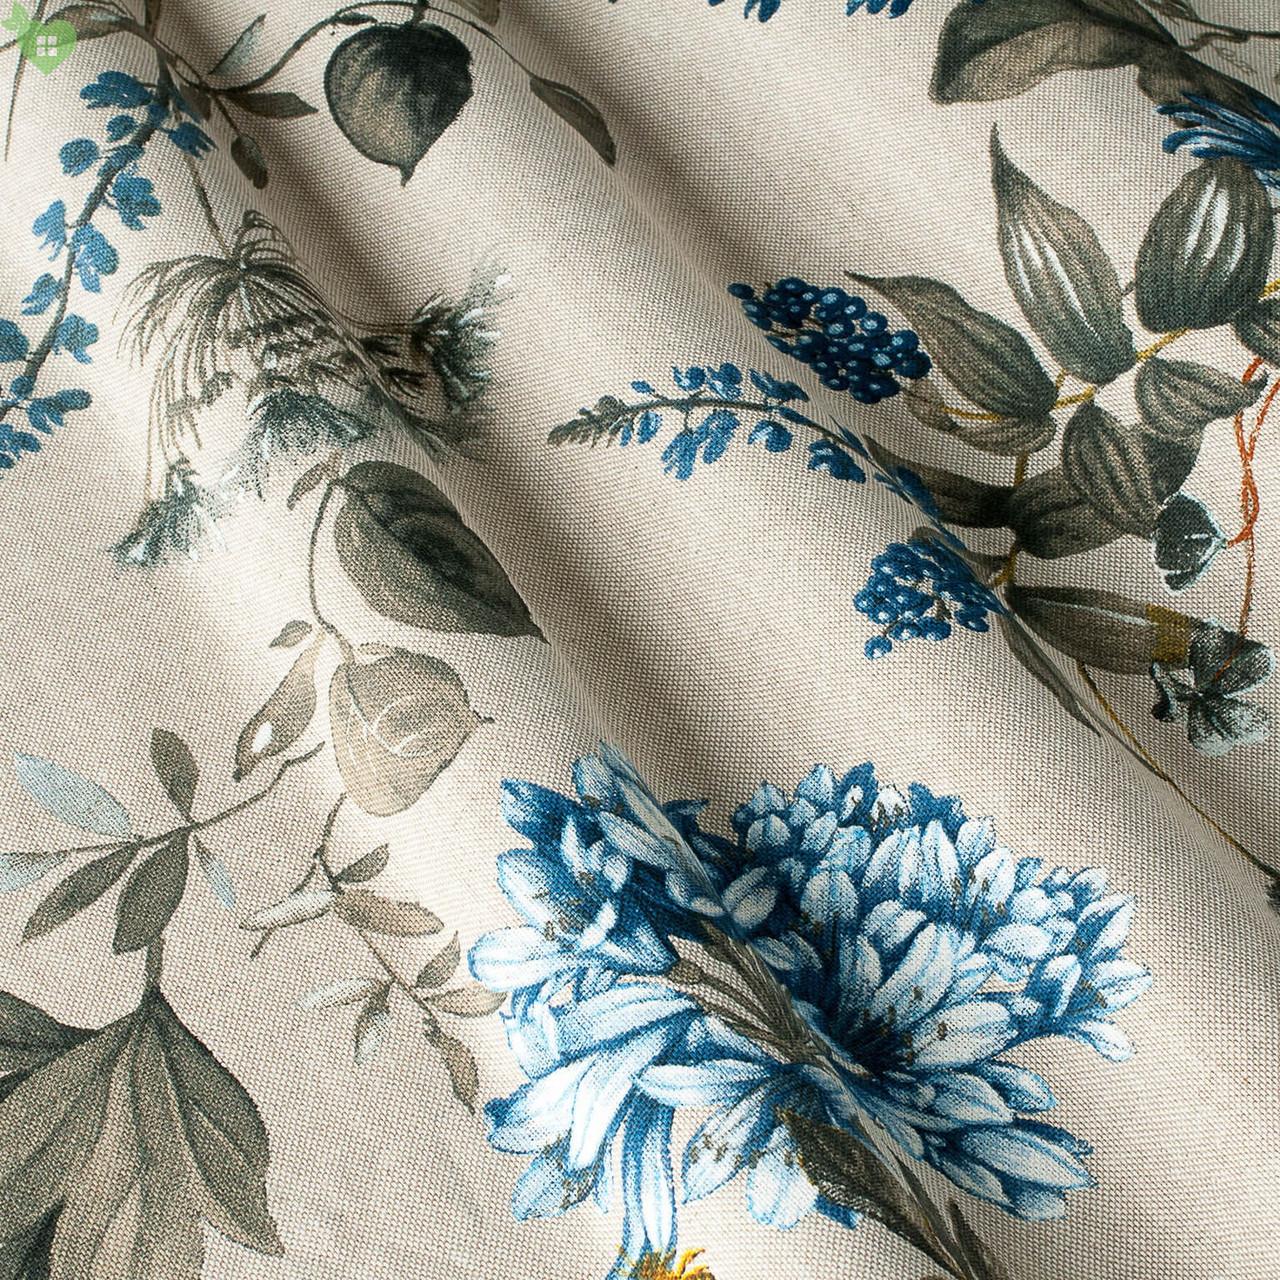 Декоративная ткань с мелкими полевыми цветами василькового цвета на светло-сером фоне Испания 82825v2